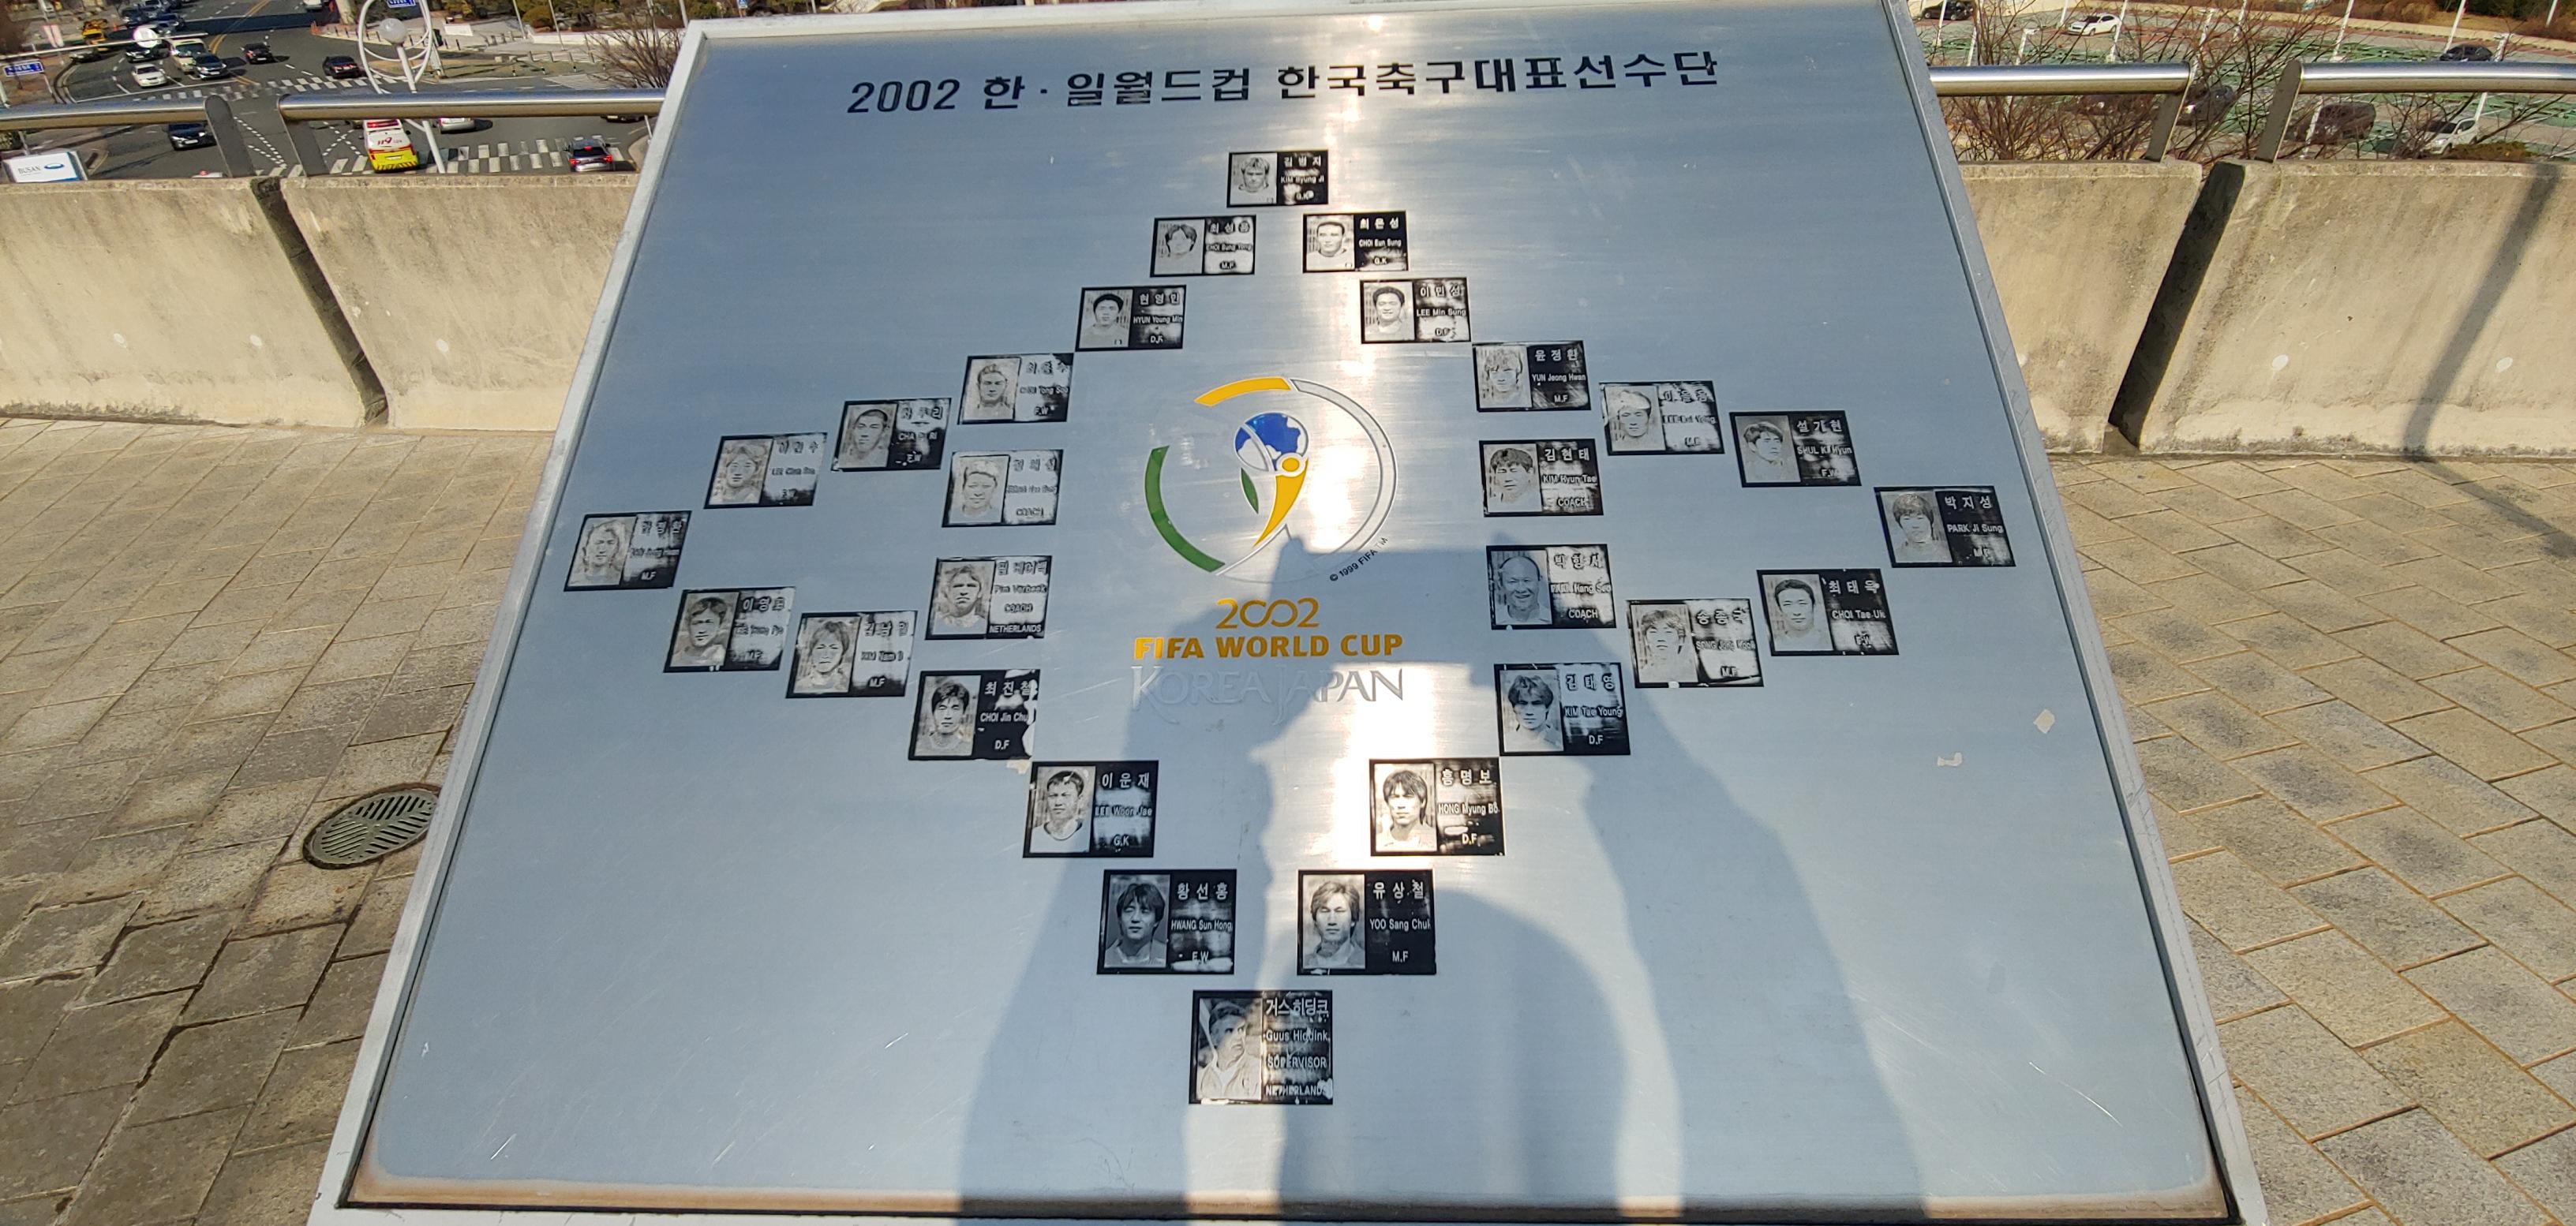 2002 월드컵 4강 (1-2).jpg